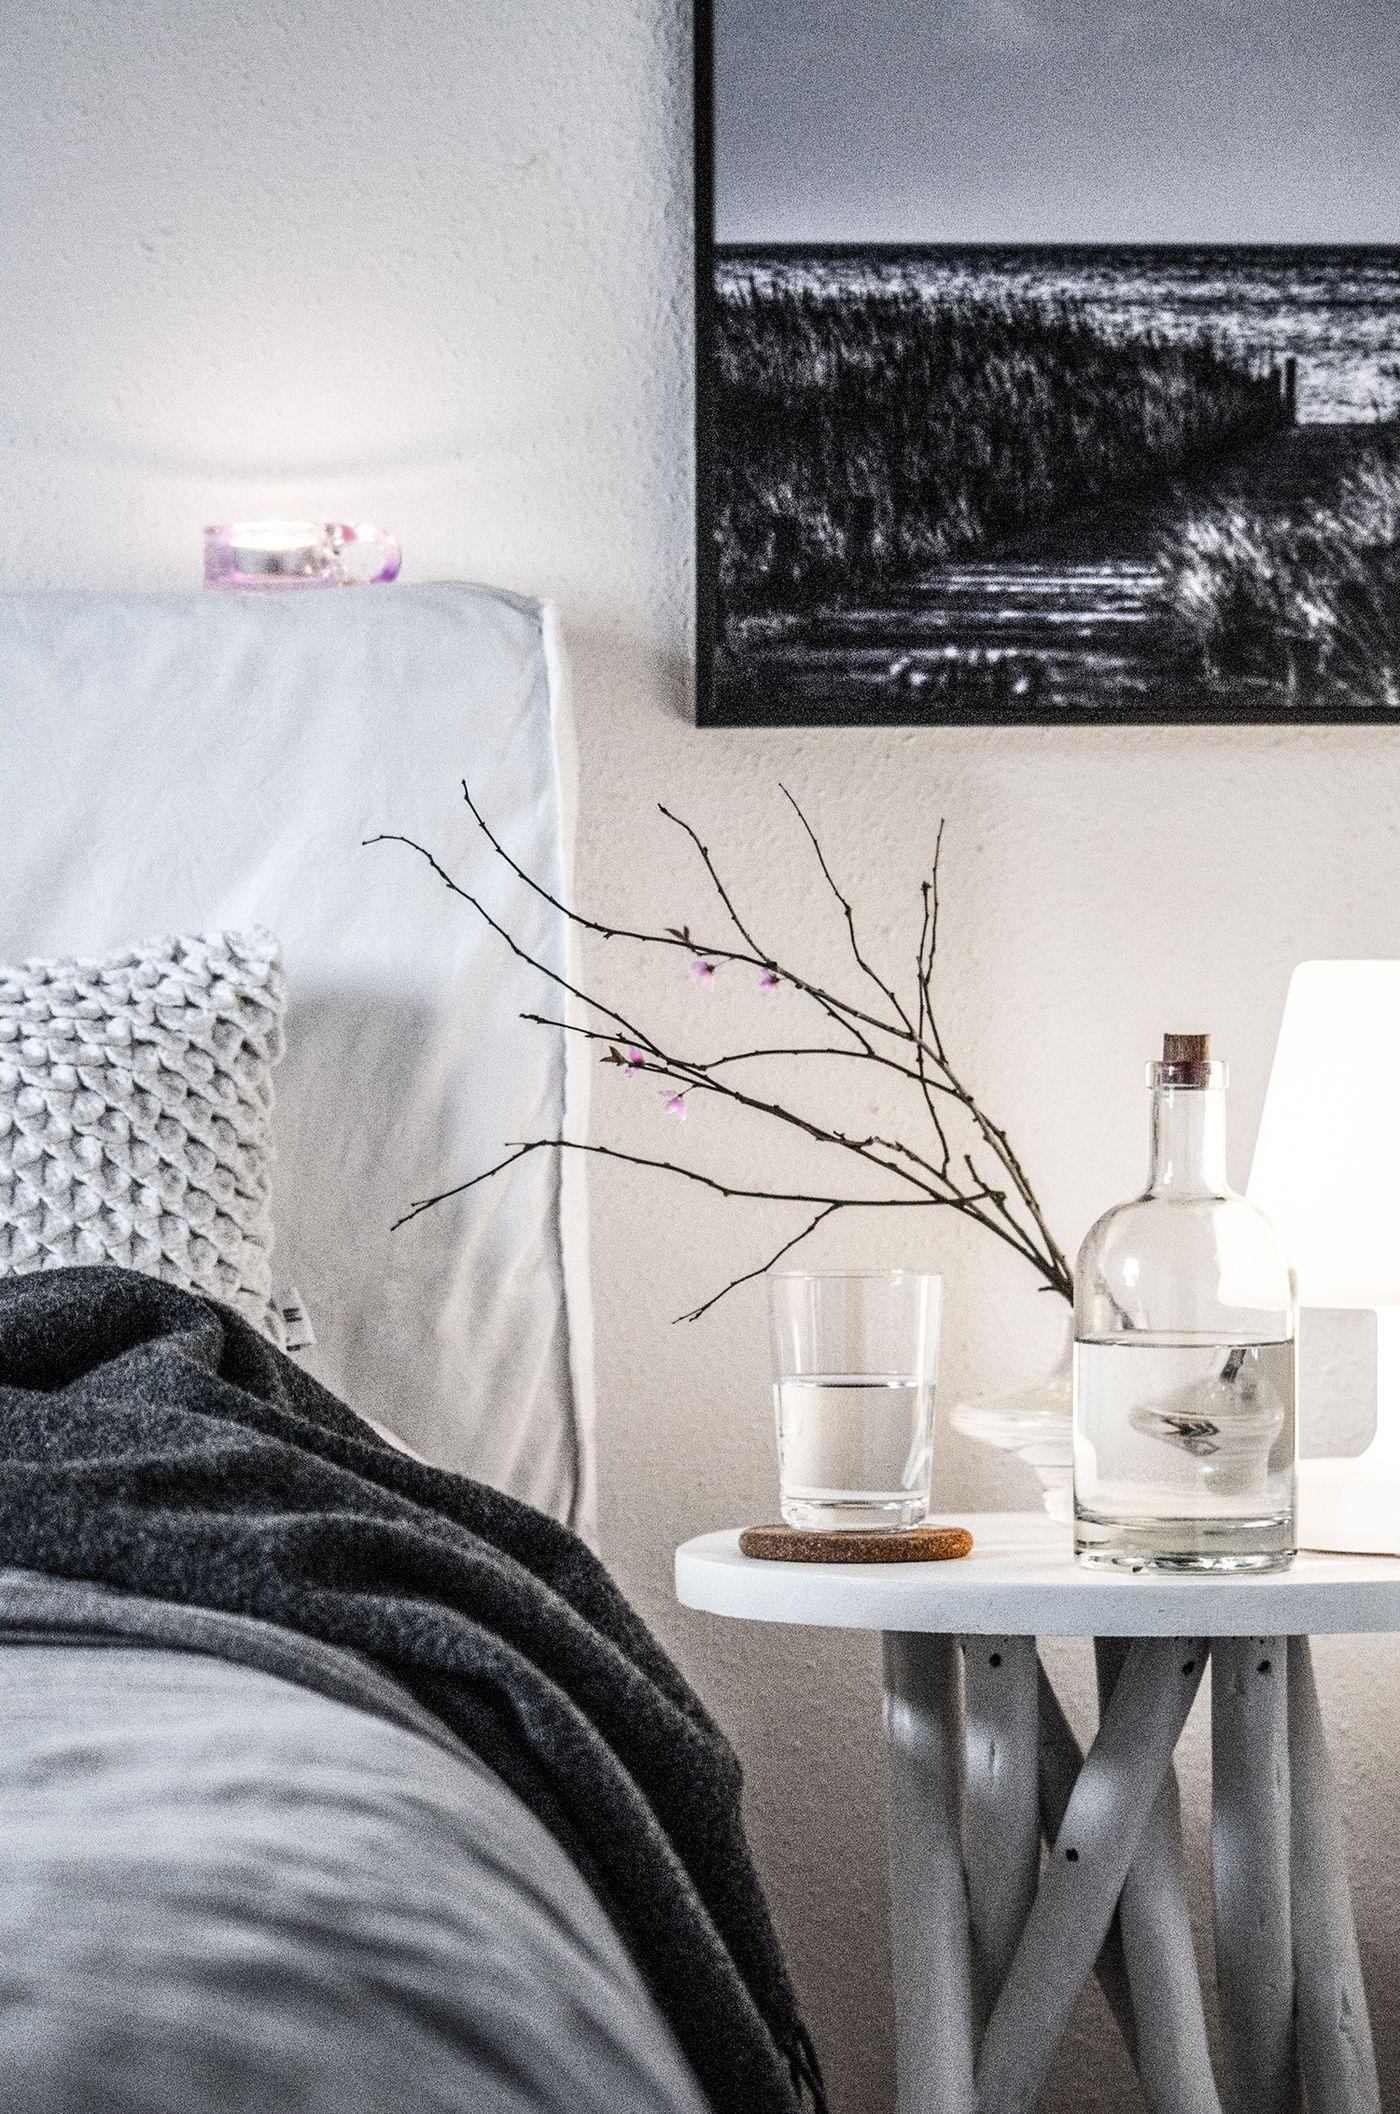 Full Size of Wanddeko Schlafzimmer Metall Wanddekoration Selber Machen Holz Ideen Bilder Ikea Amazon Besten Deko Landhaus Klimagerät Für Deckenleuchte Komplett Günstig Wohnzimmer Schlafzimmer Wanddeko